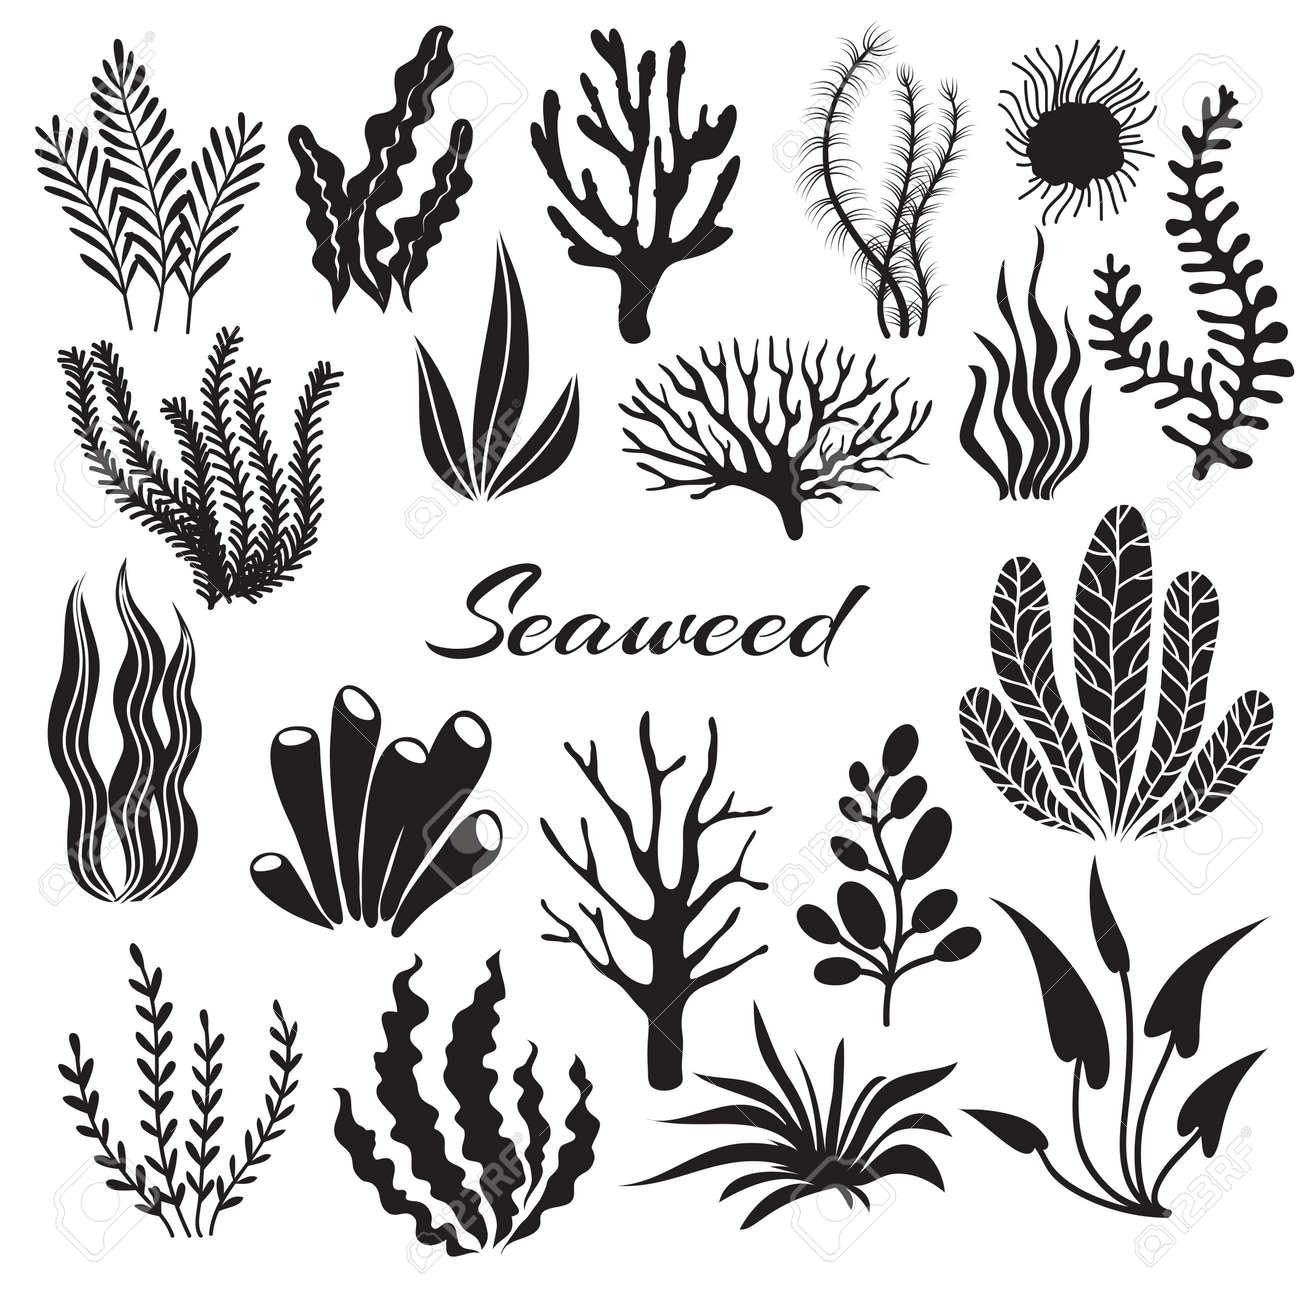 Aquarium seaweeds. Underwater plants, ocean planting. Vector seaweed black silhouette isolated set. Sea weed black, underwater sea ocean plant illustration - 168189022